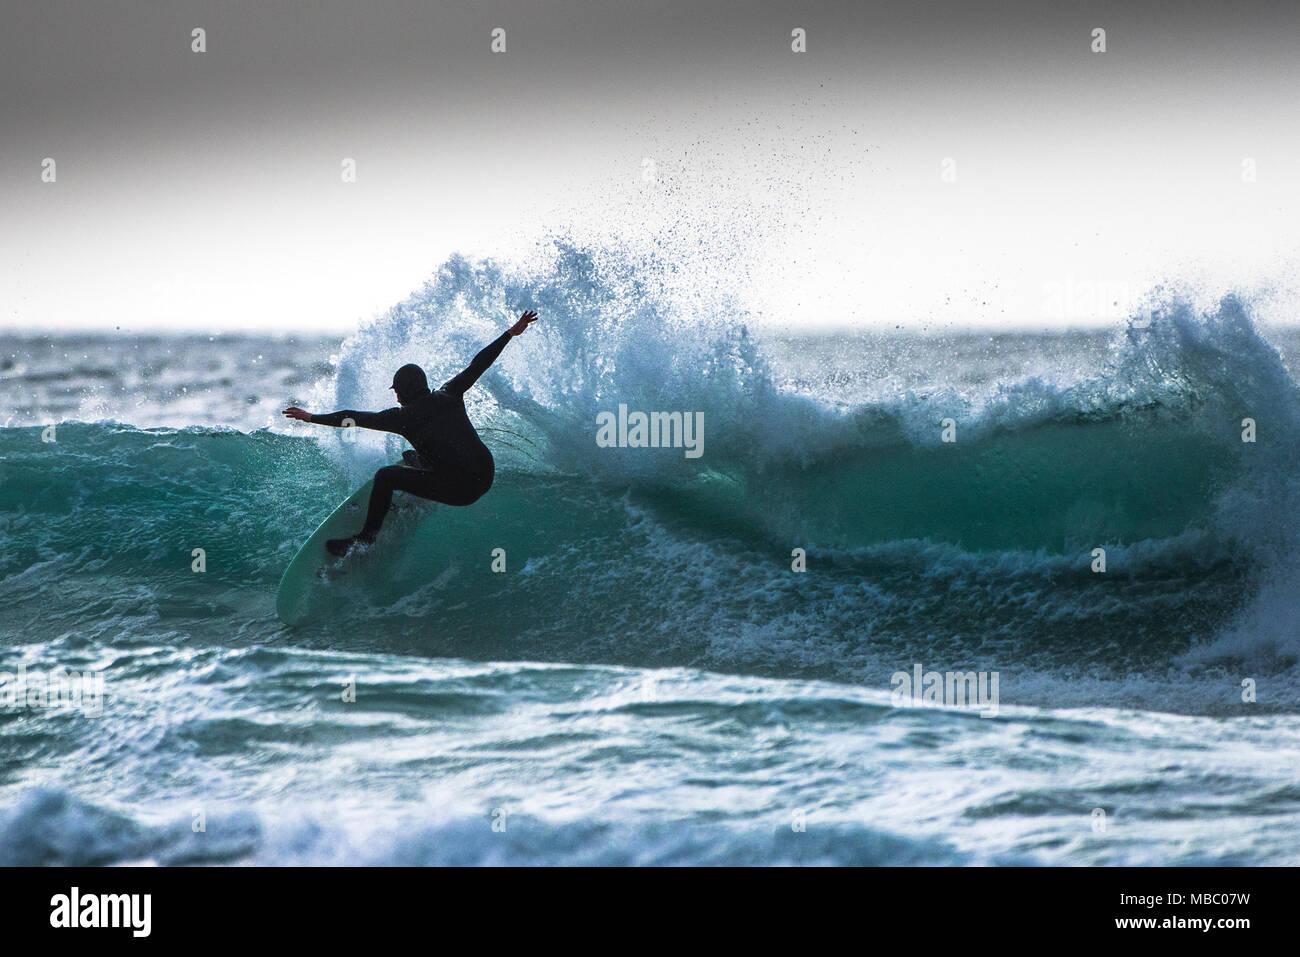 Un surfista di eseguire un classico snap manouevre. Immagini Stock